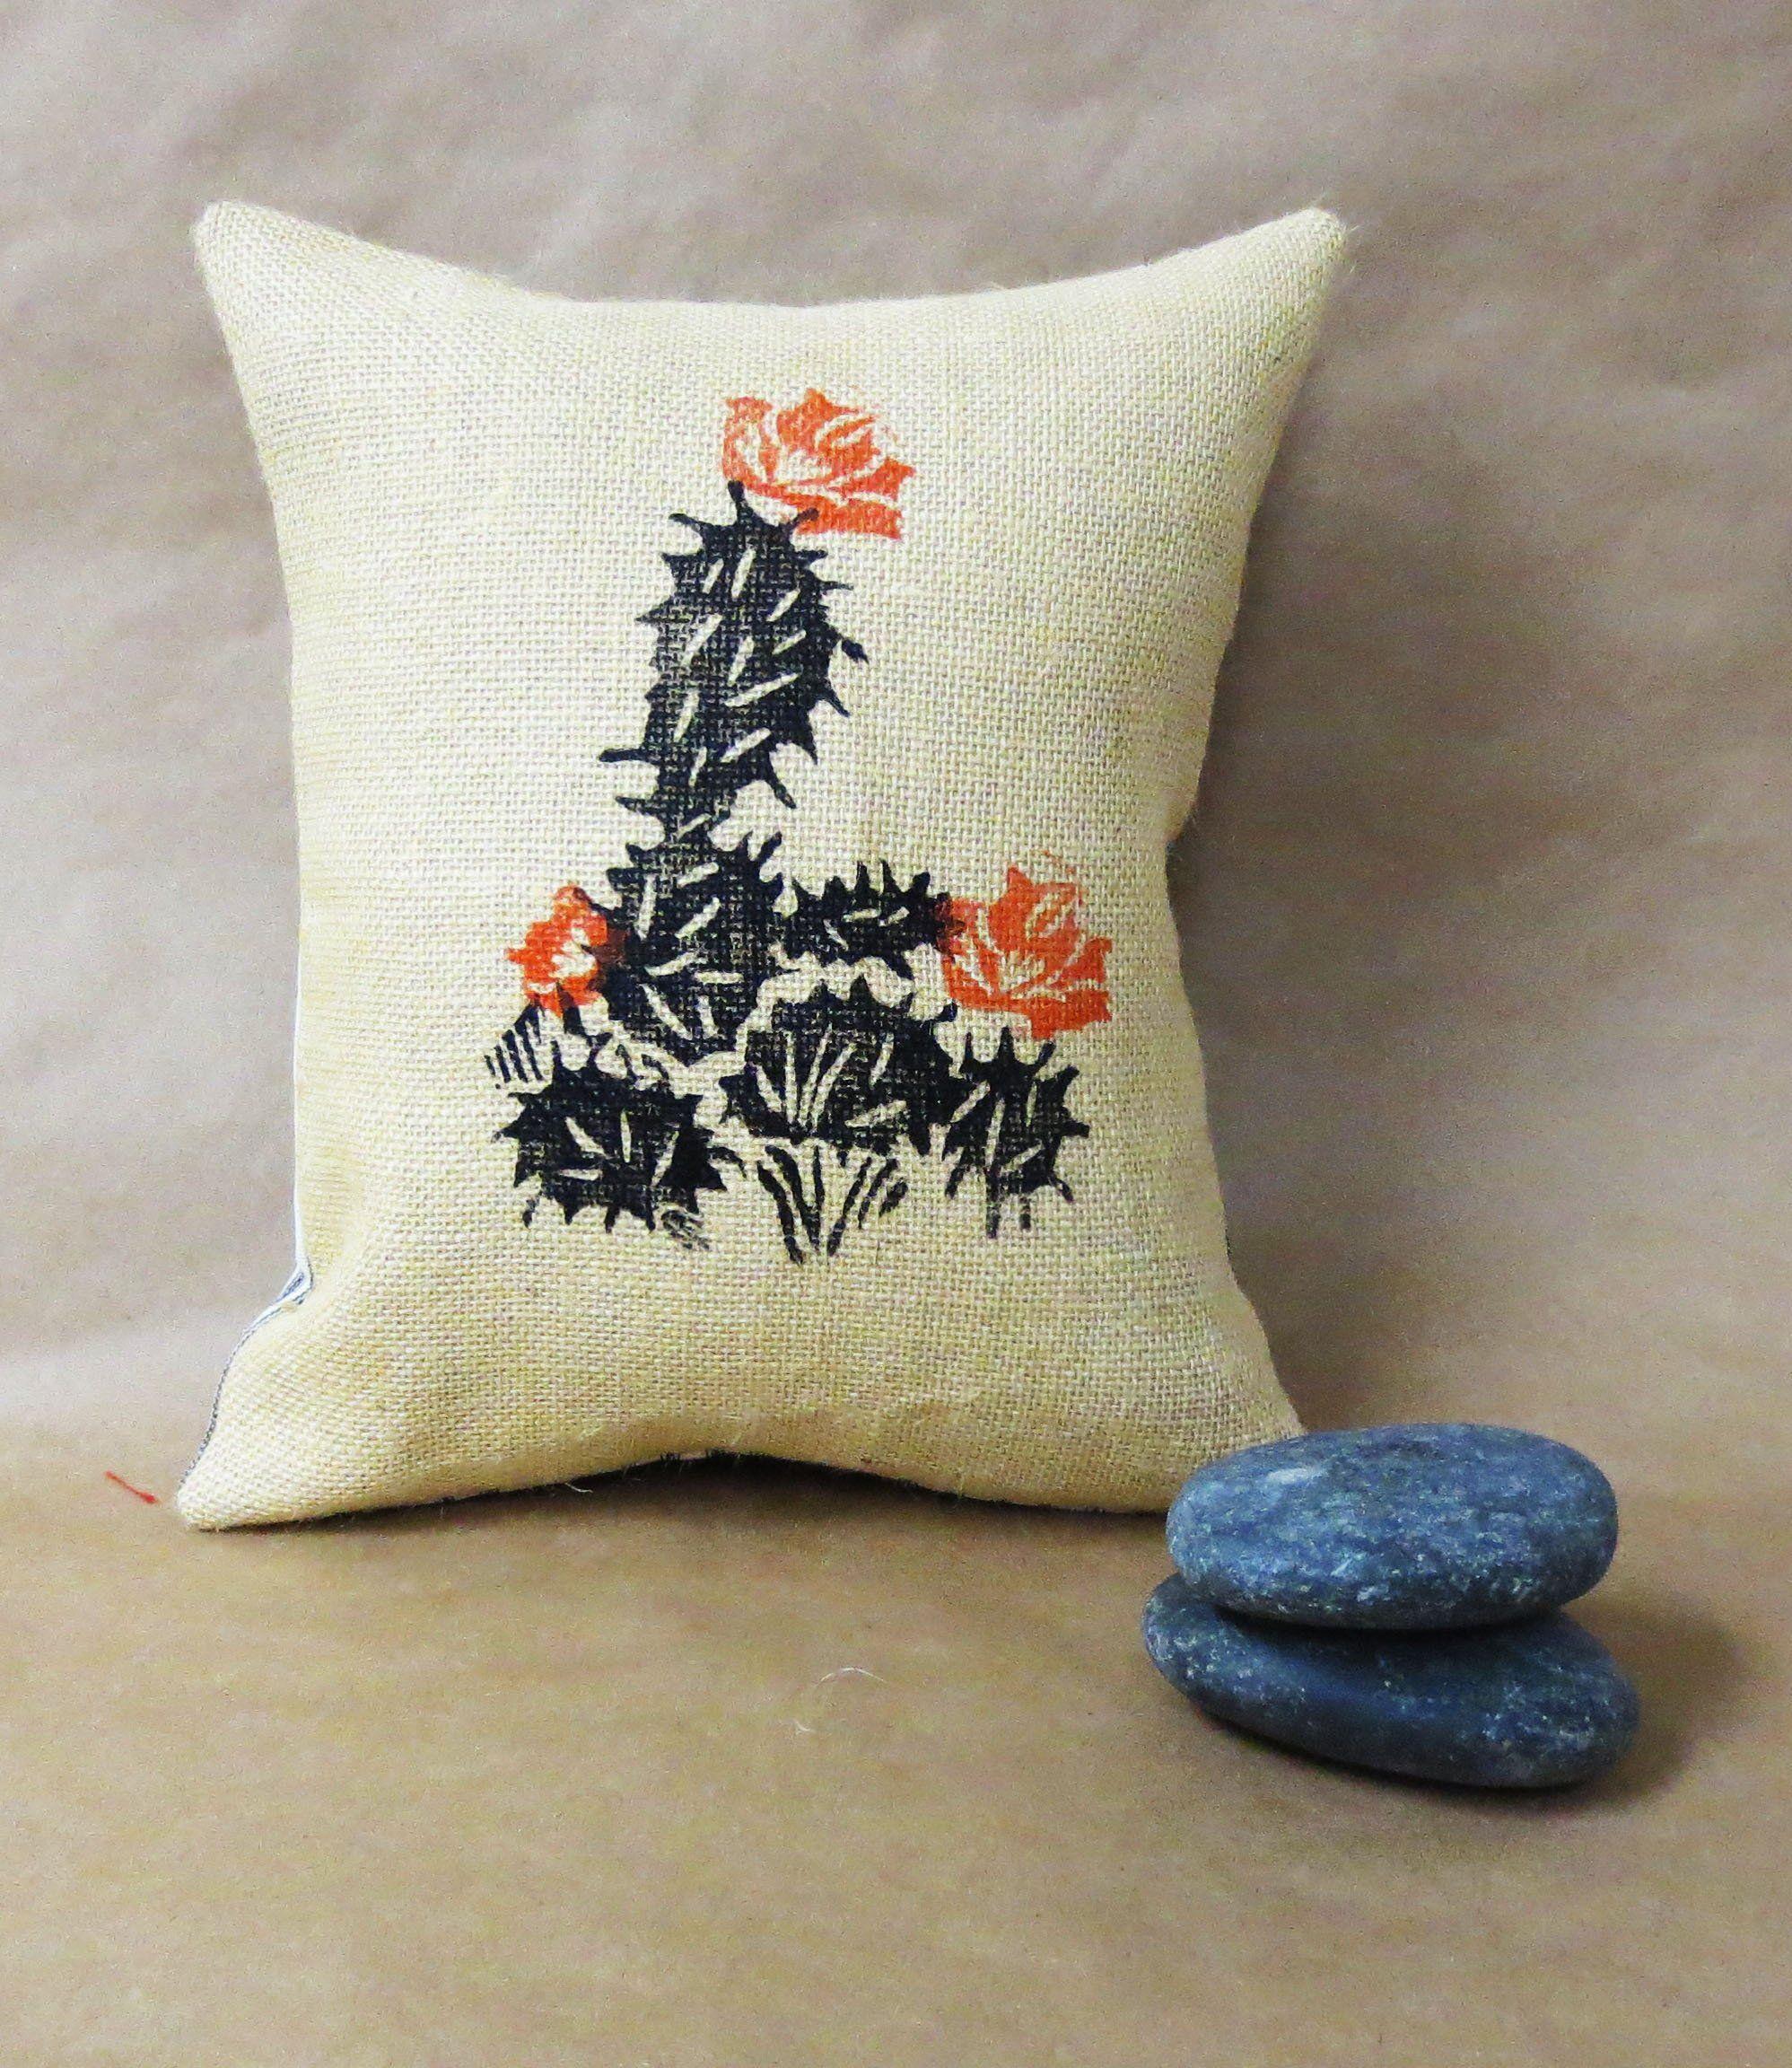 Block printed cactus pillow hand printed burlap pillow wit desert